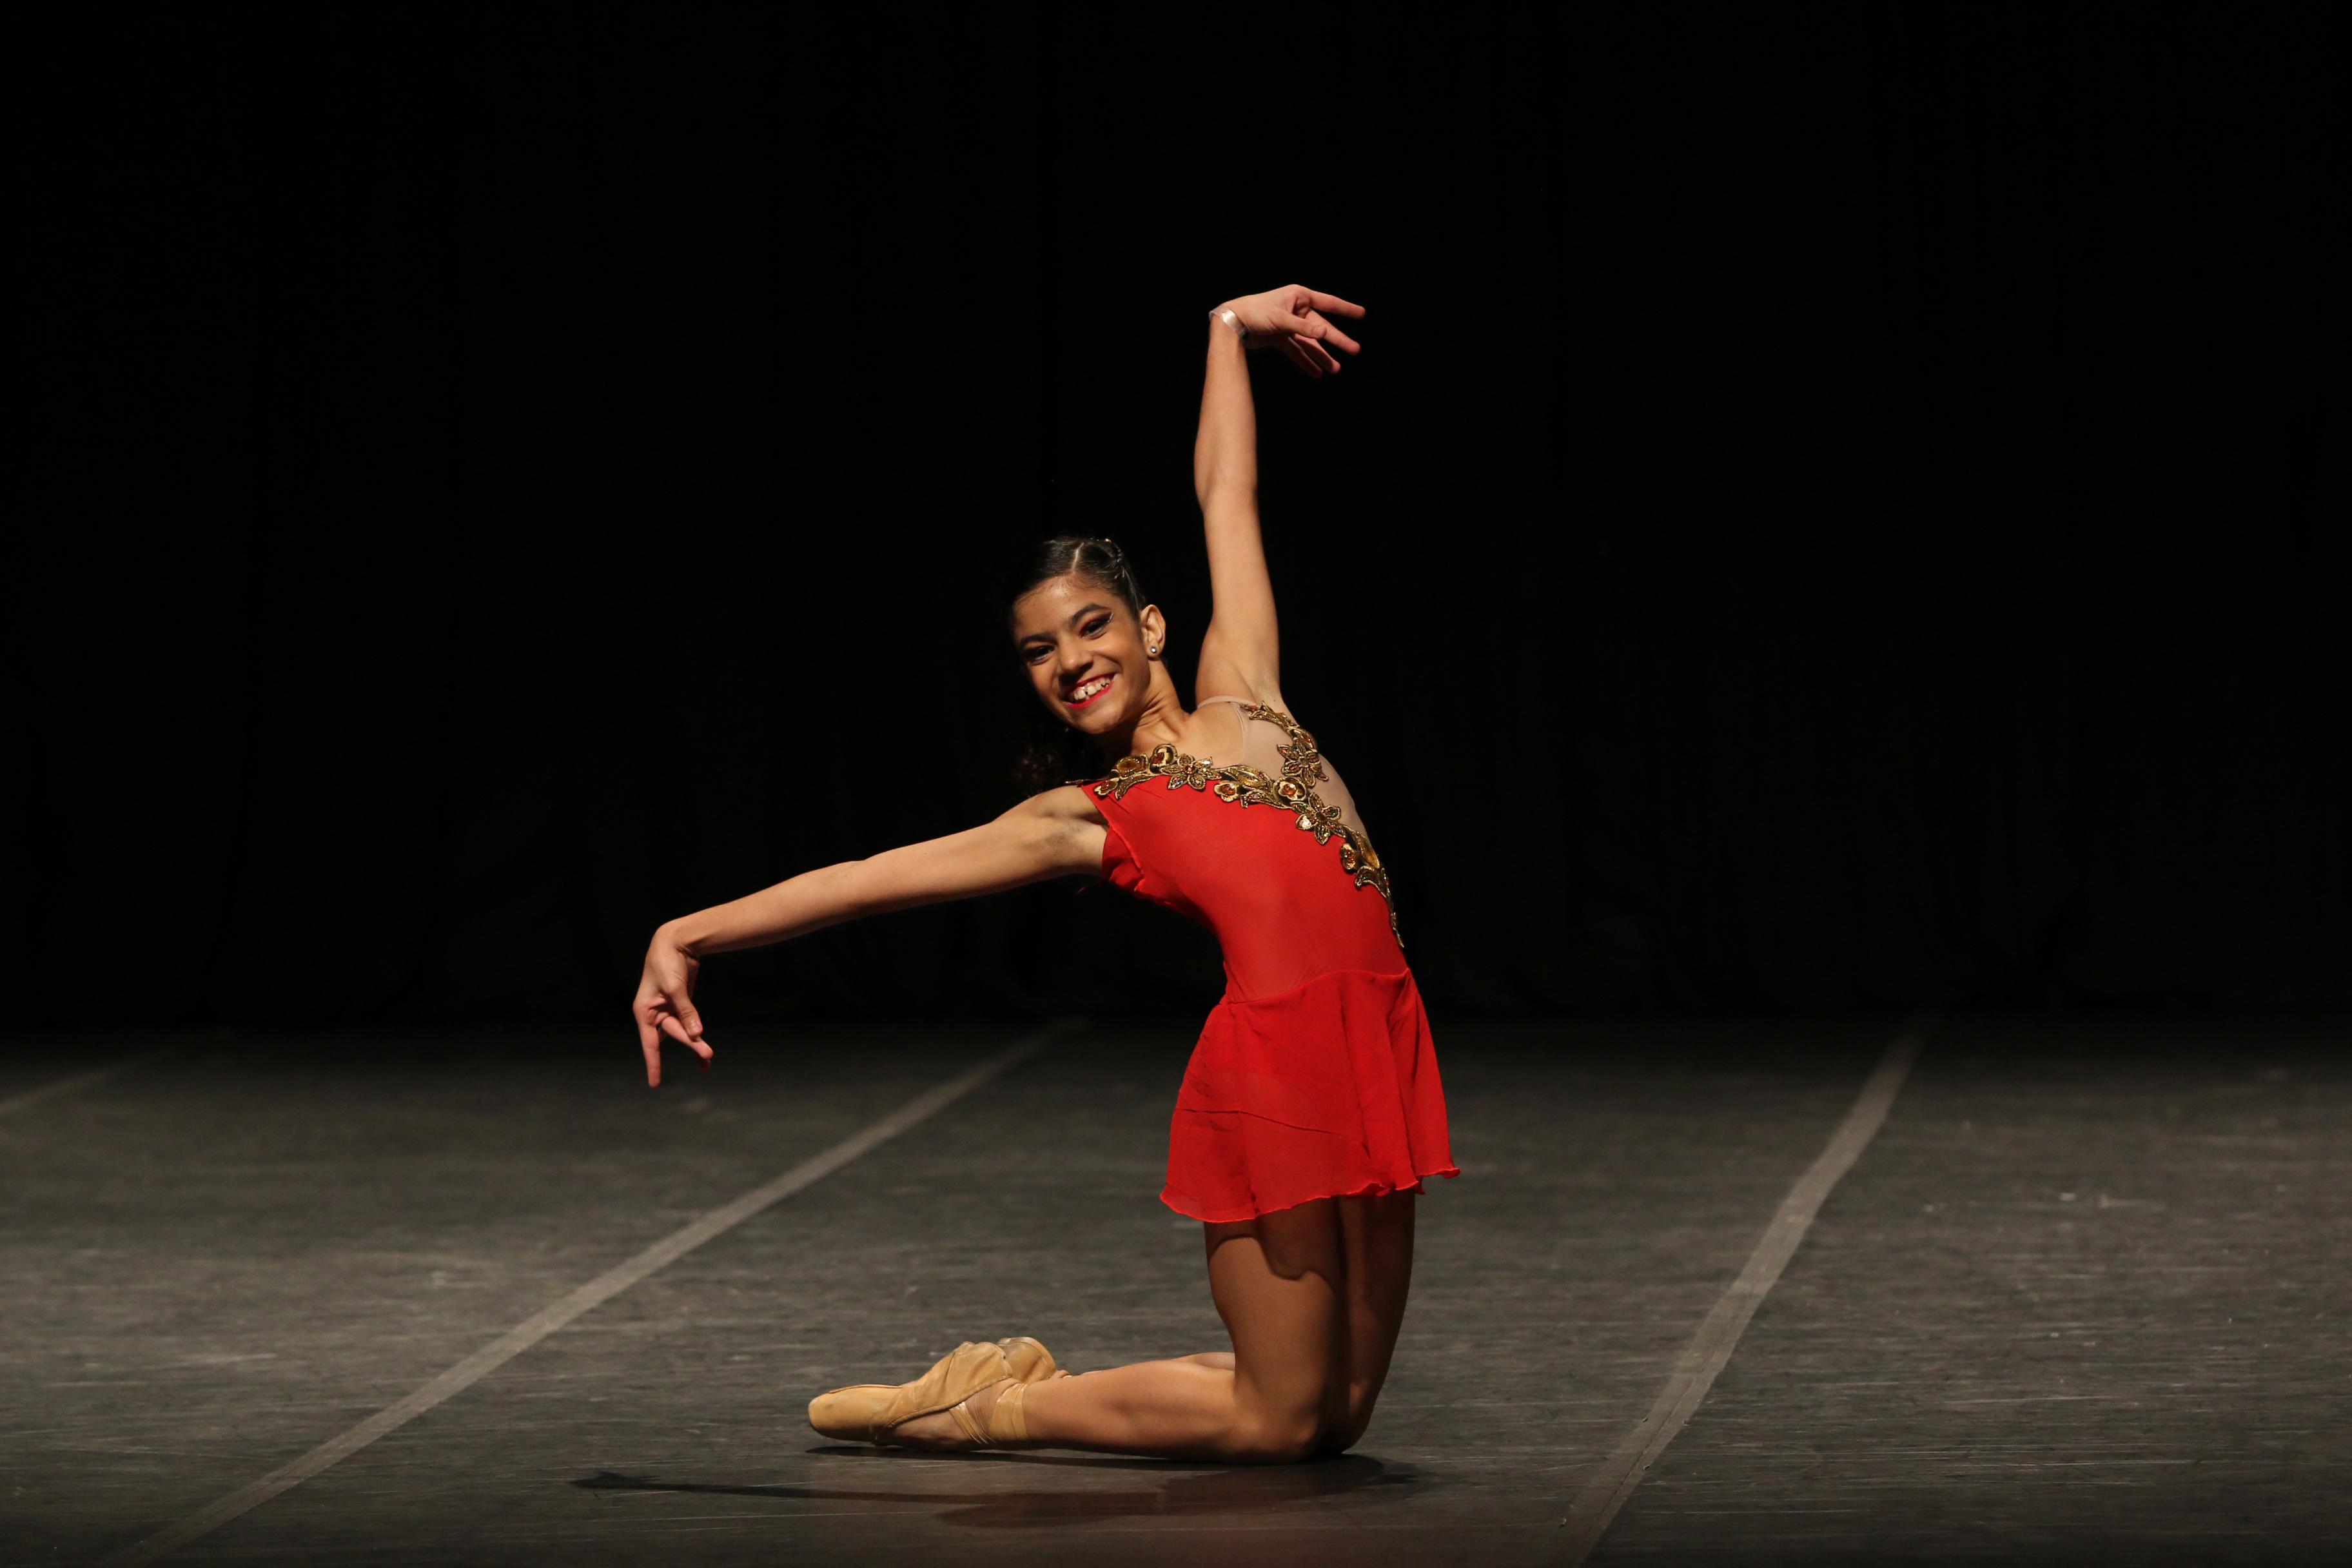 Bailarina cearense participa de competição internacional nos Estados Unidos